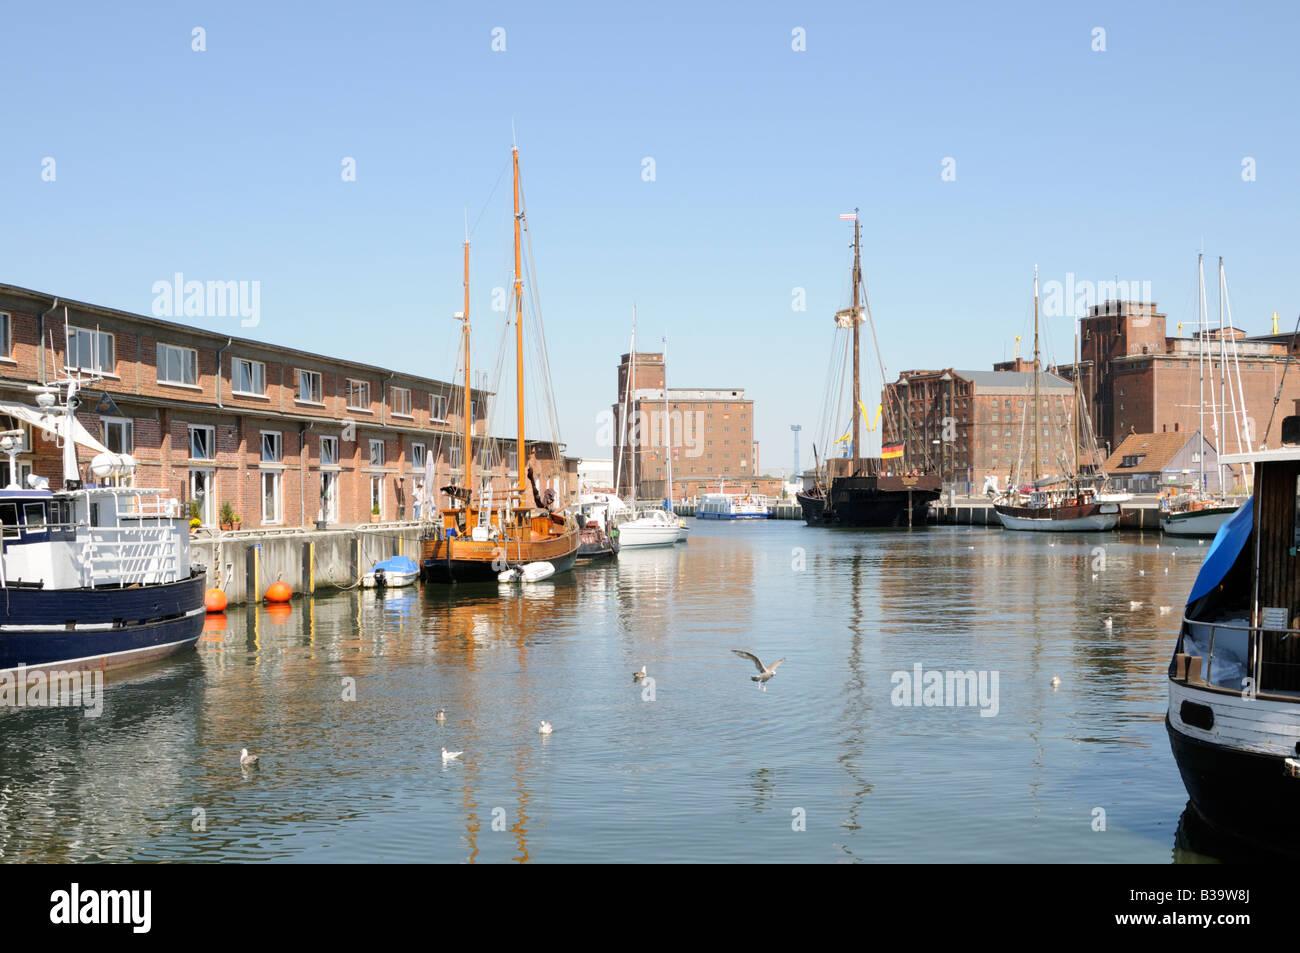 Hafen von Wismar Deutschland Port of Wismar Germany - Stock Image